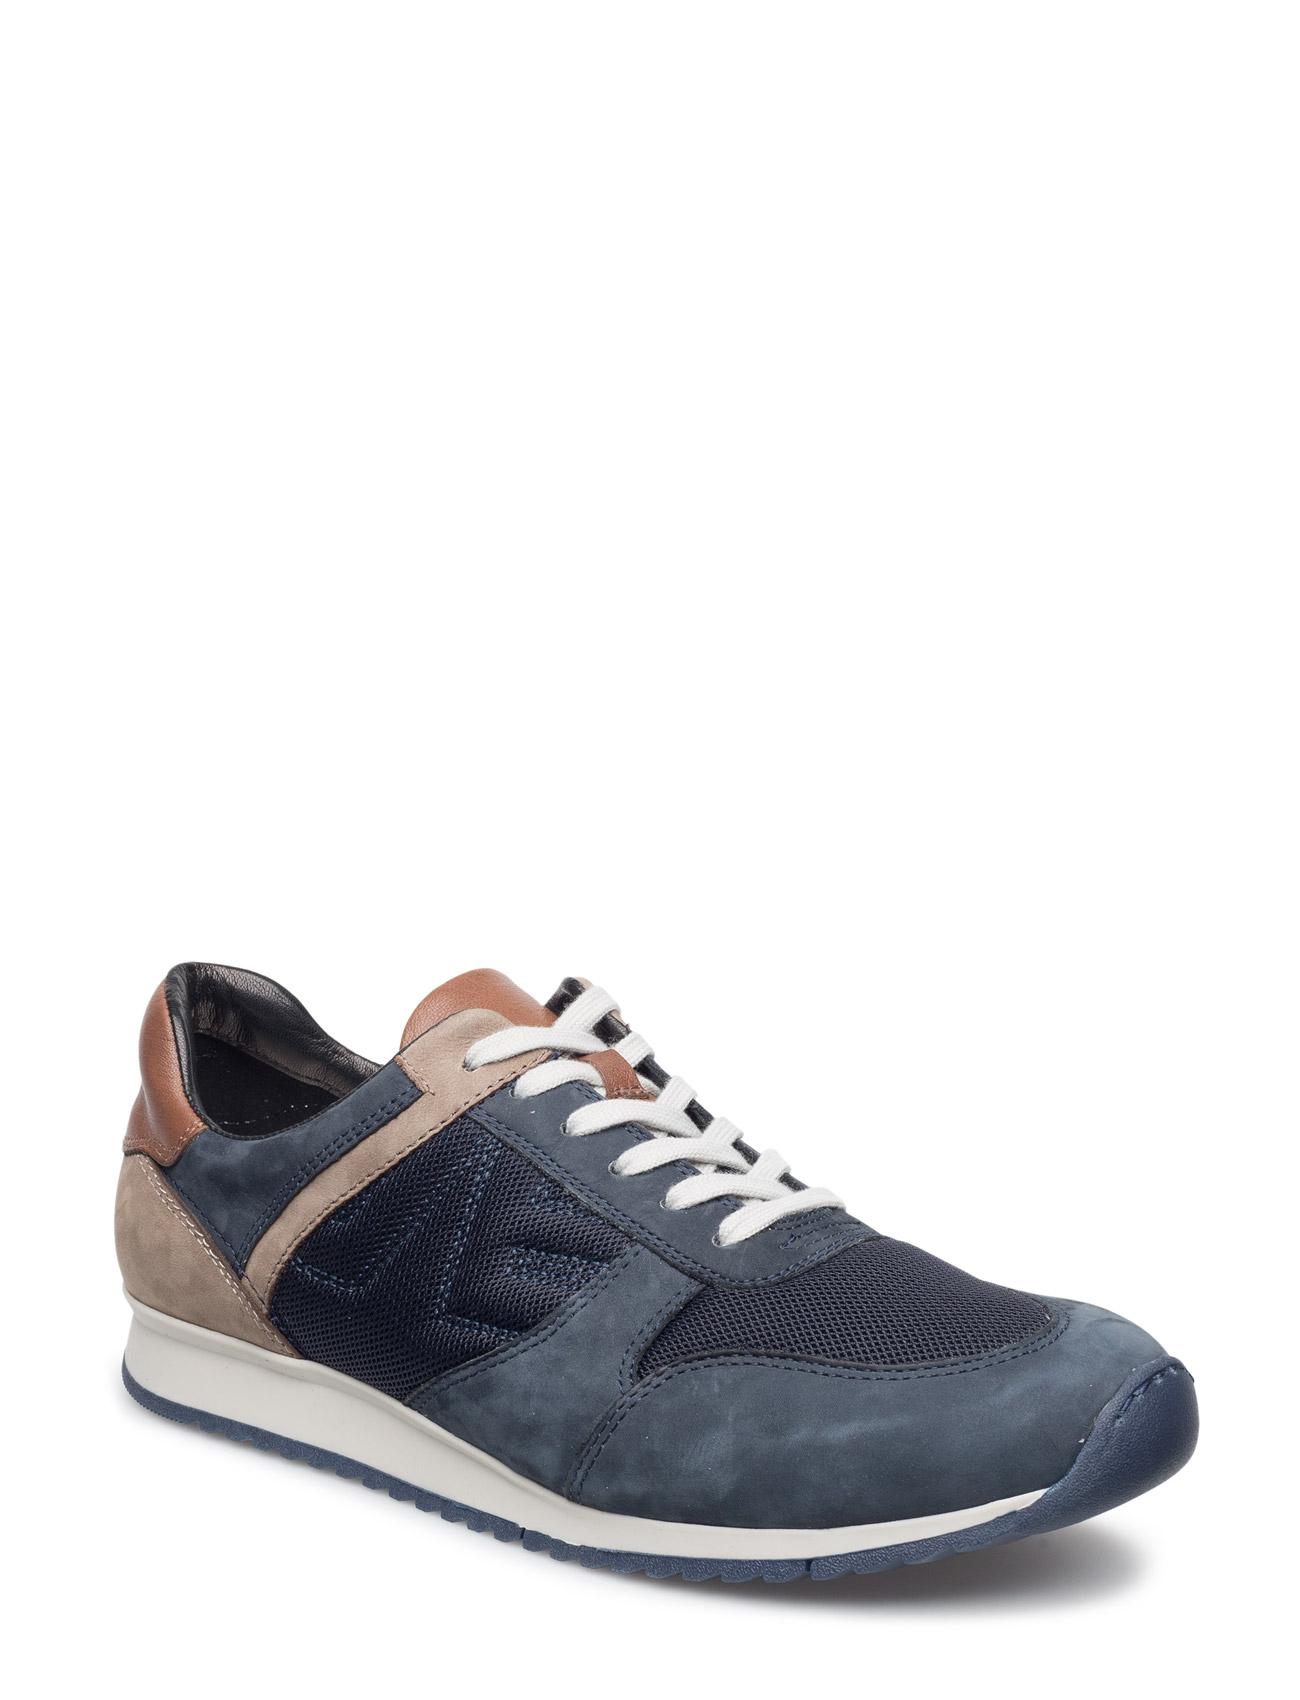 Apsley VAGABOND Sneakers til Herrer i indigo